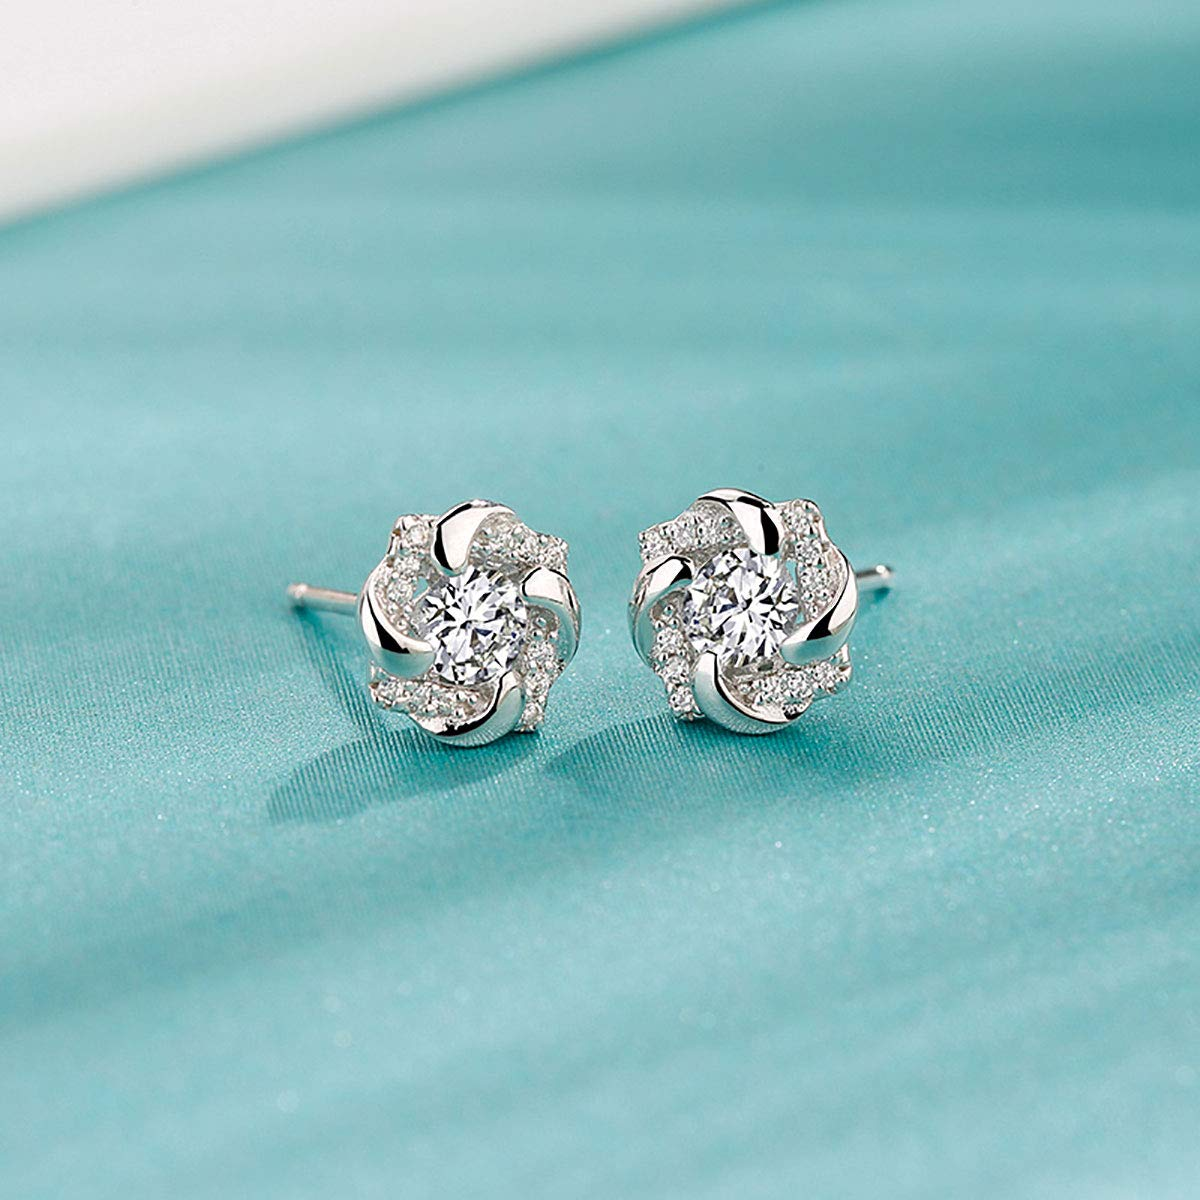 18K White Gold Plated Sterling Silver Stud Earrings For Women Fine Jewelry Weave Star Earring